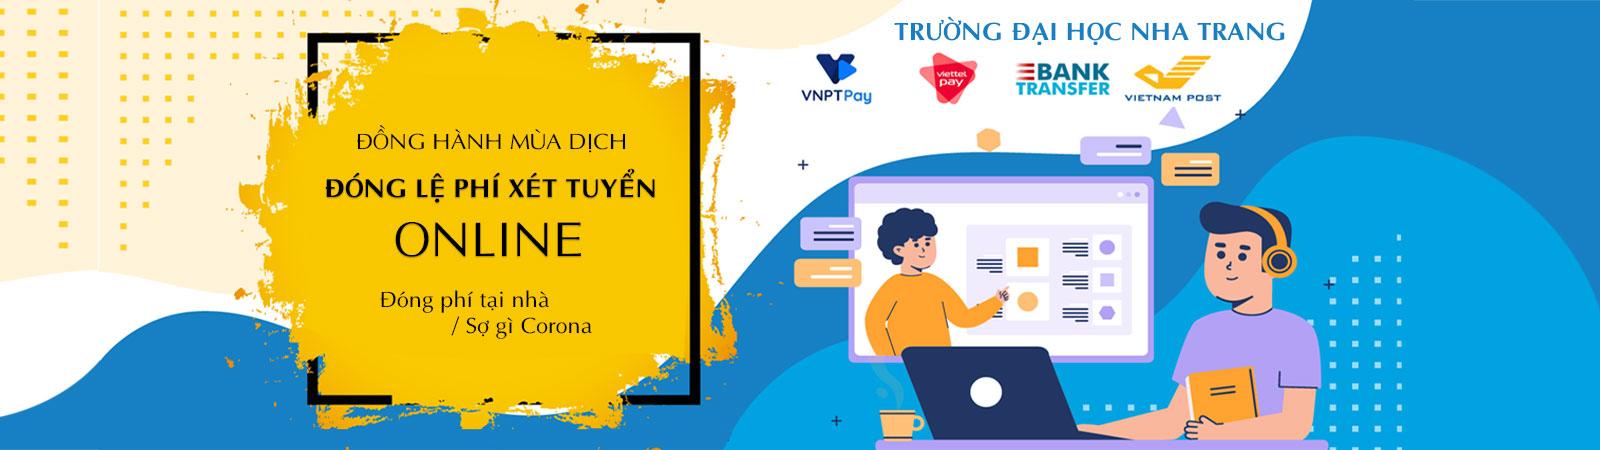 Đóng lệ phí xét tuyển Online Trường Đại học Nha Trang